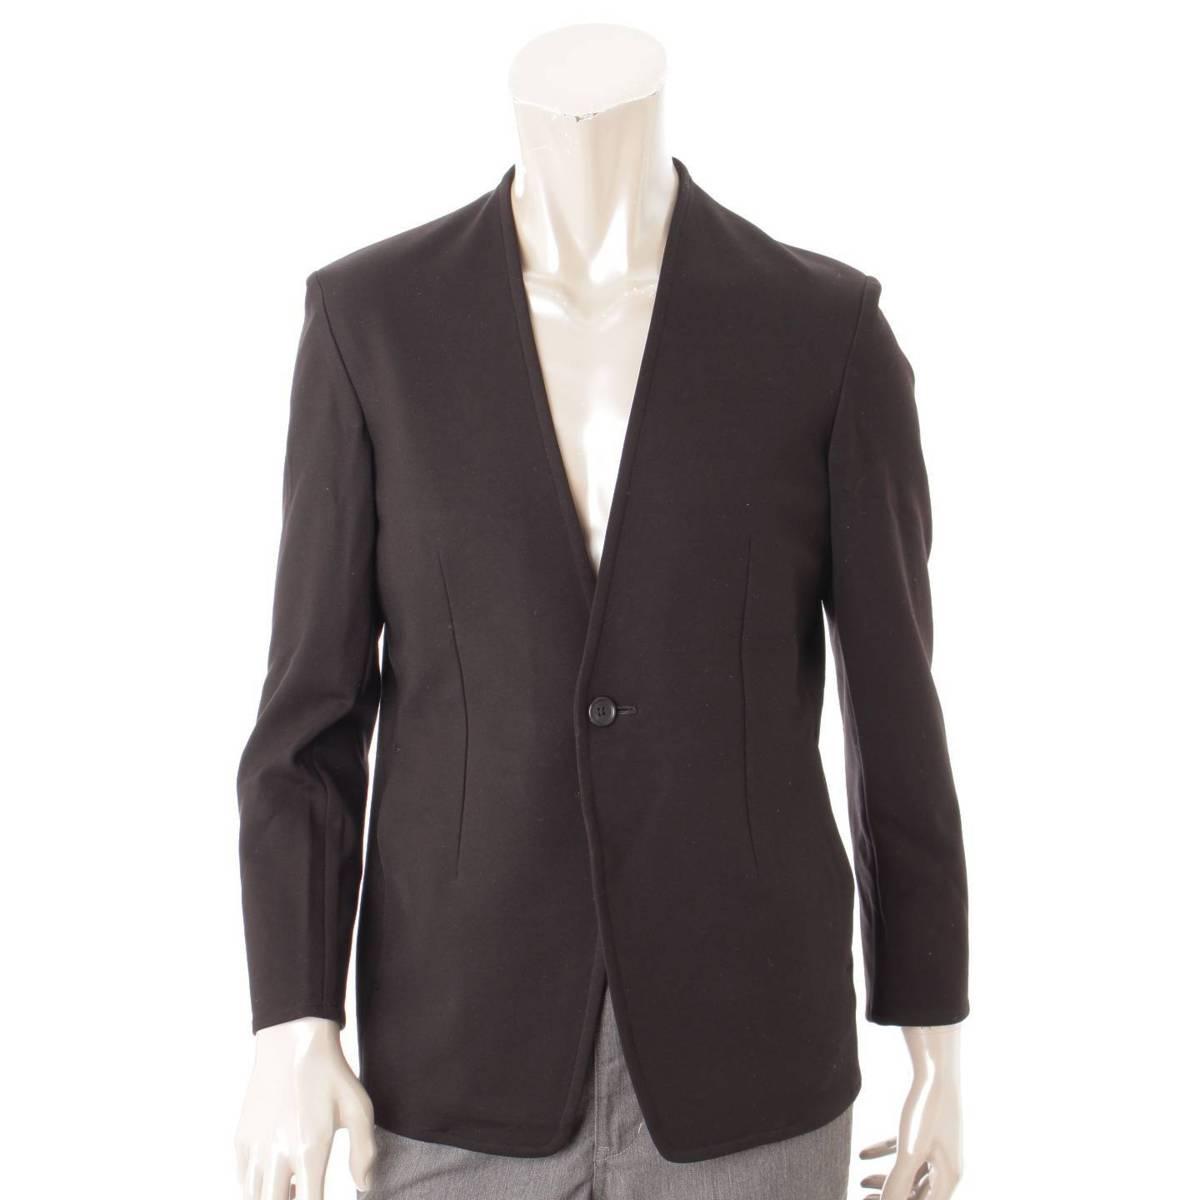 【ソノタ】 レインメーカー メンズ ジャケット ブラック 3 【中古】【鑑定済・正規品保証】83855